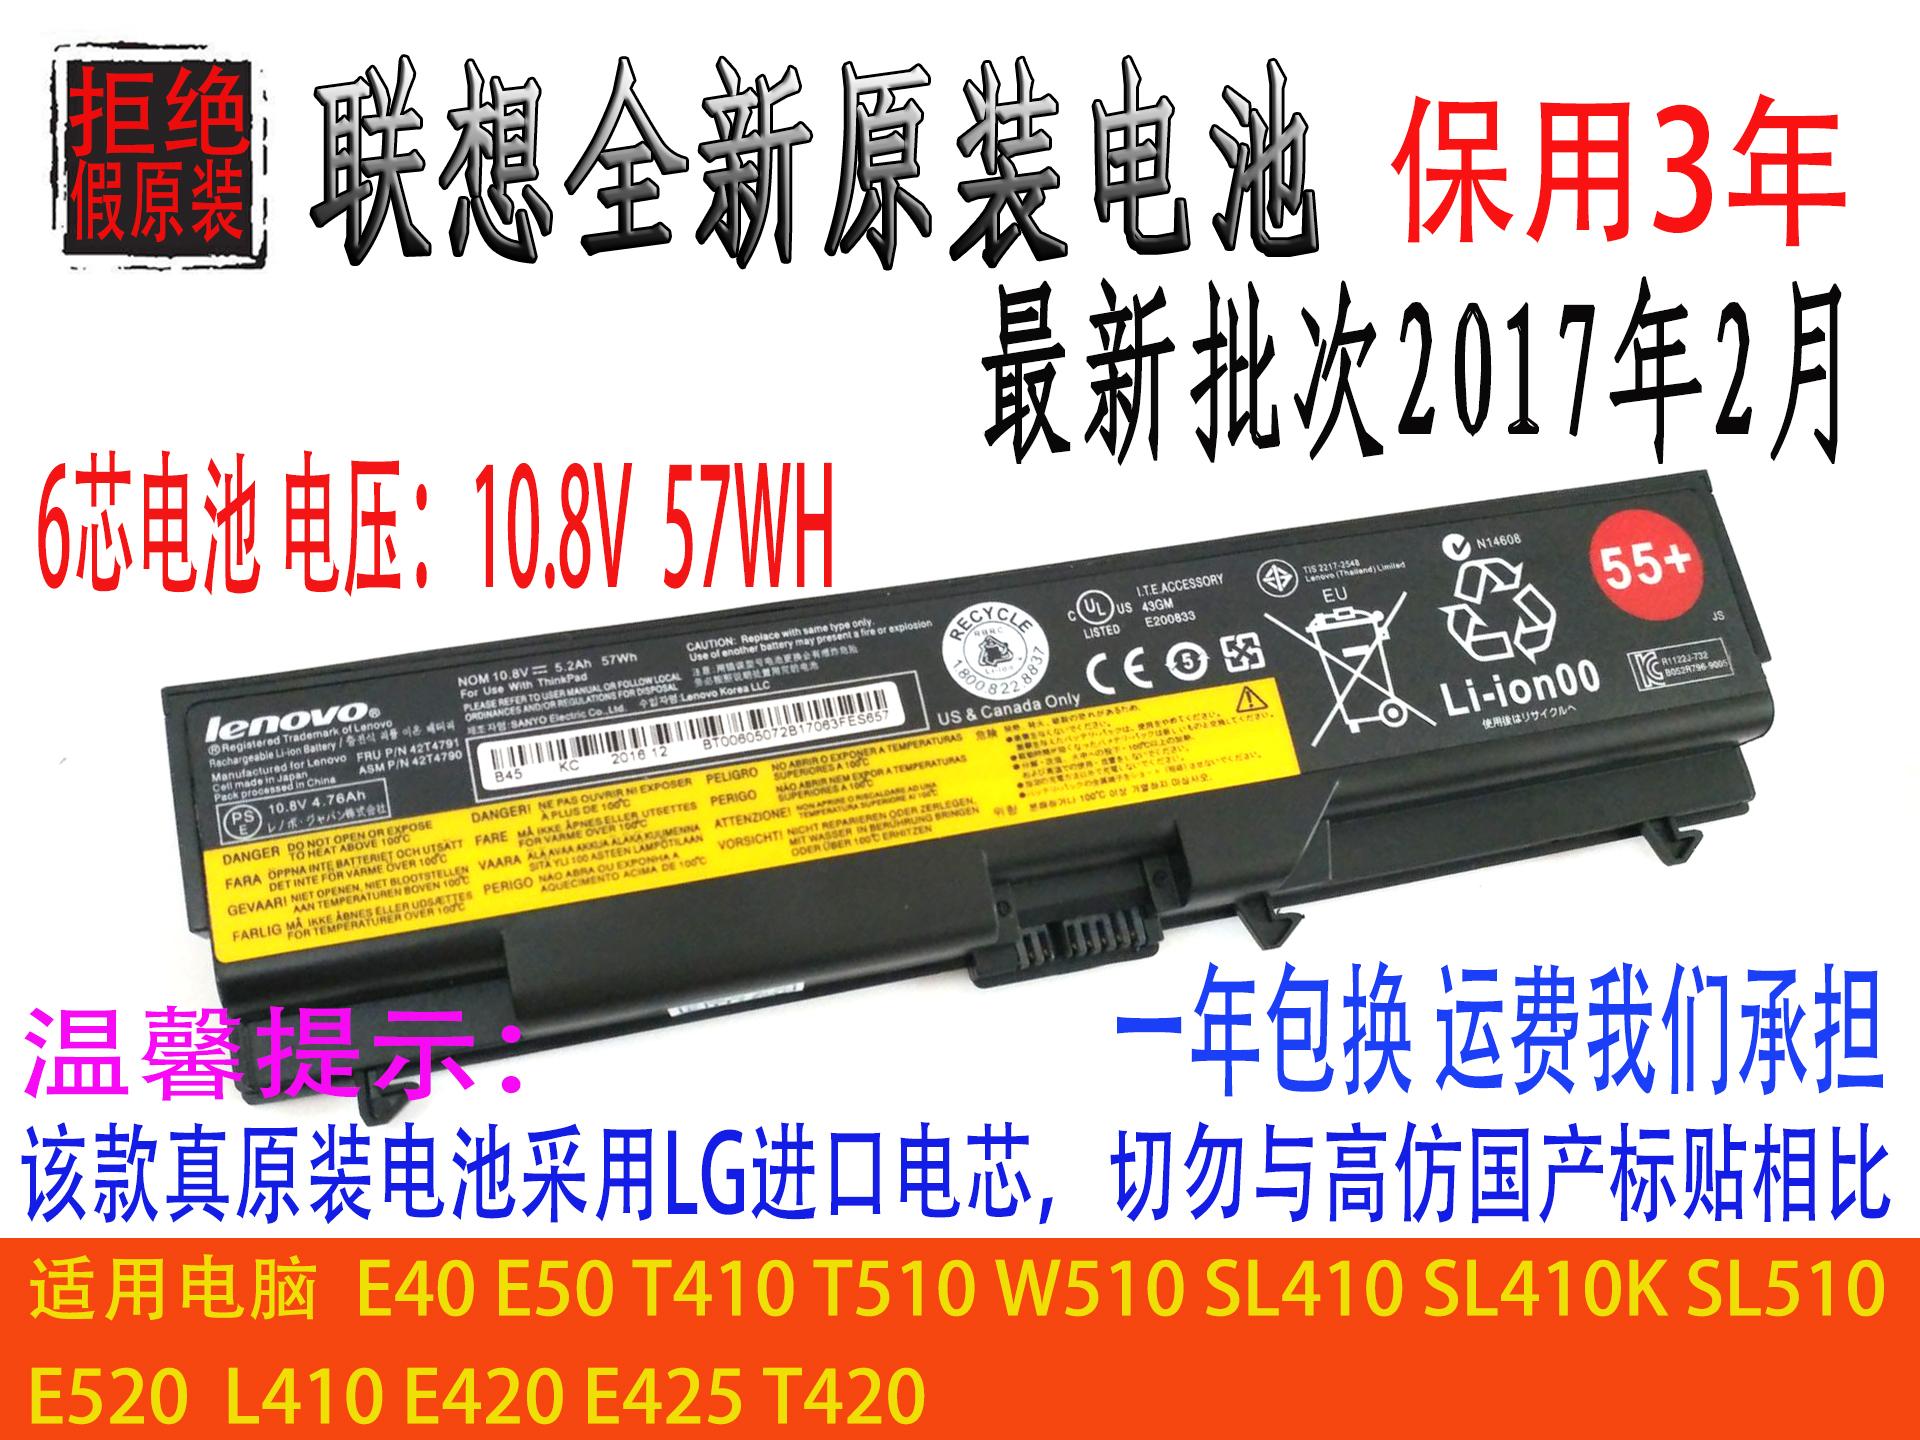 Оригинал объединение Thinkpad E40 T410i E420 SL410K T420i ноутбук компьютер аккумулятор